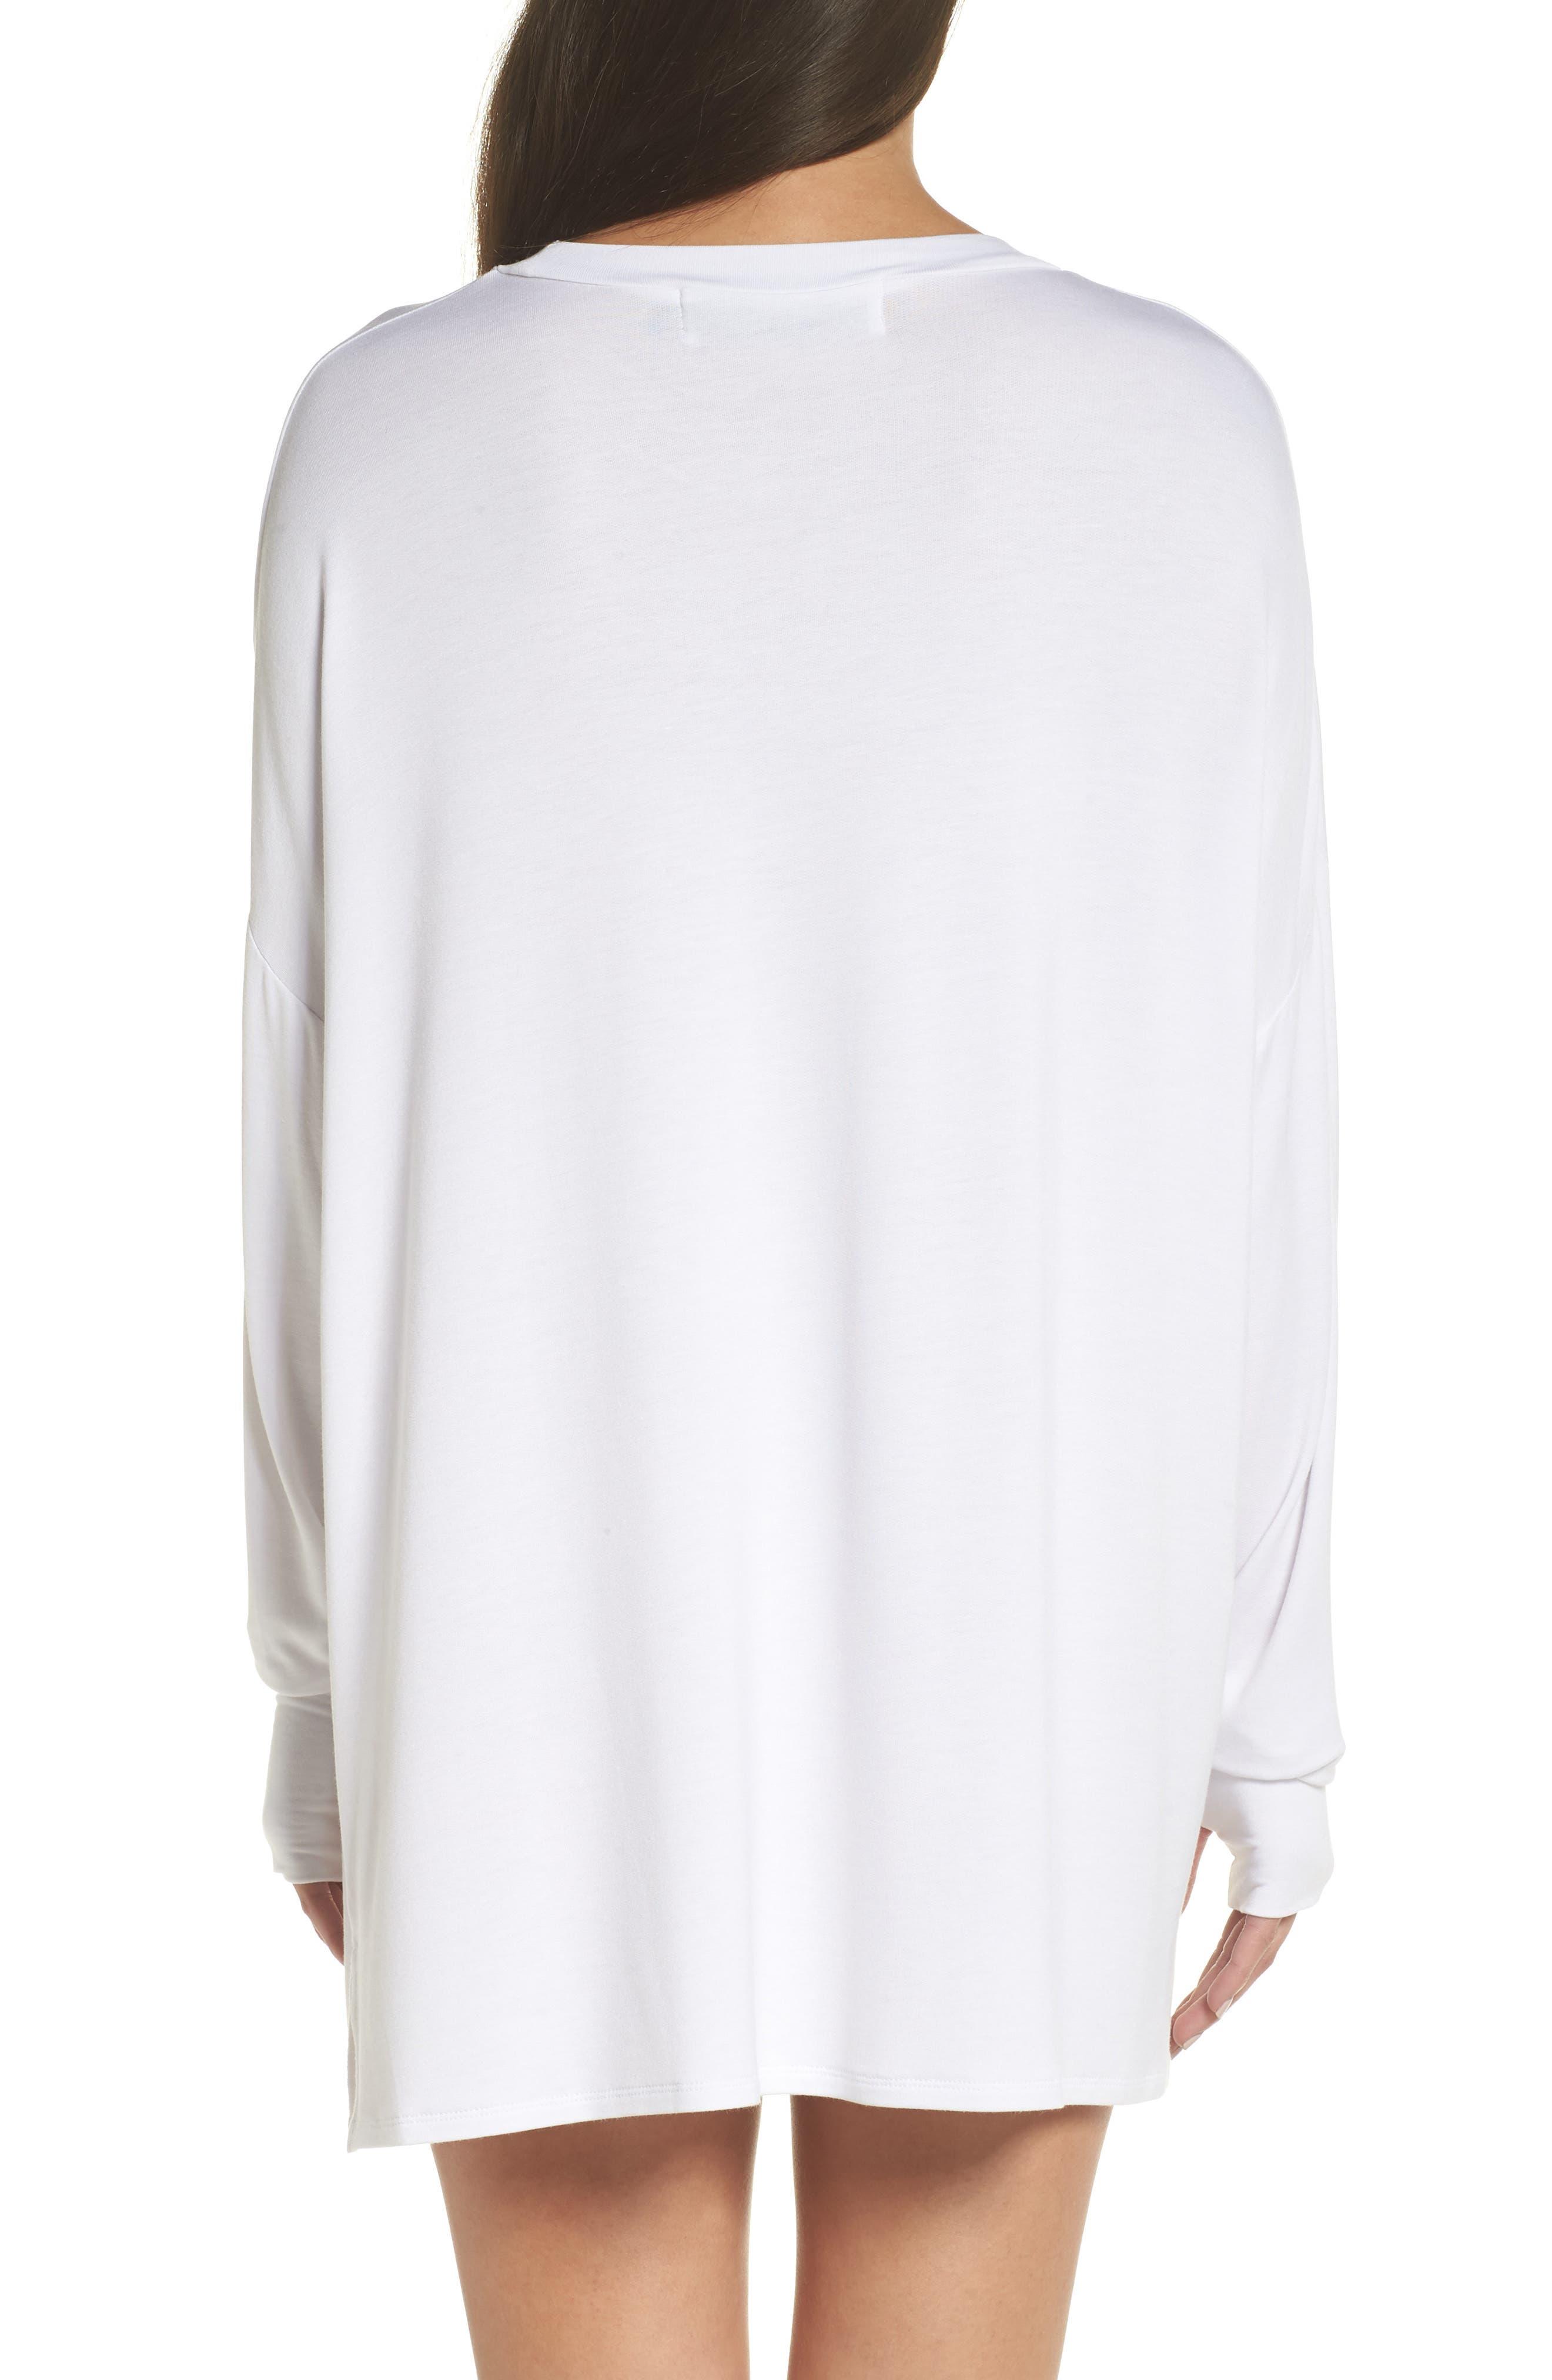 Heart Strokes Sleep Shirt,                             Alternate thumbnail 2, color,                             WHITE